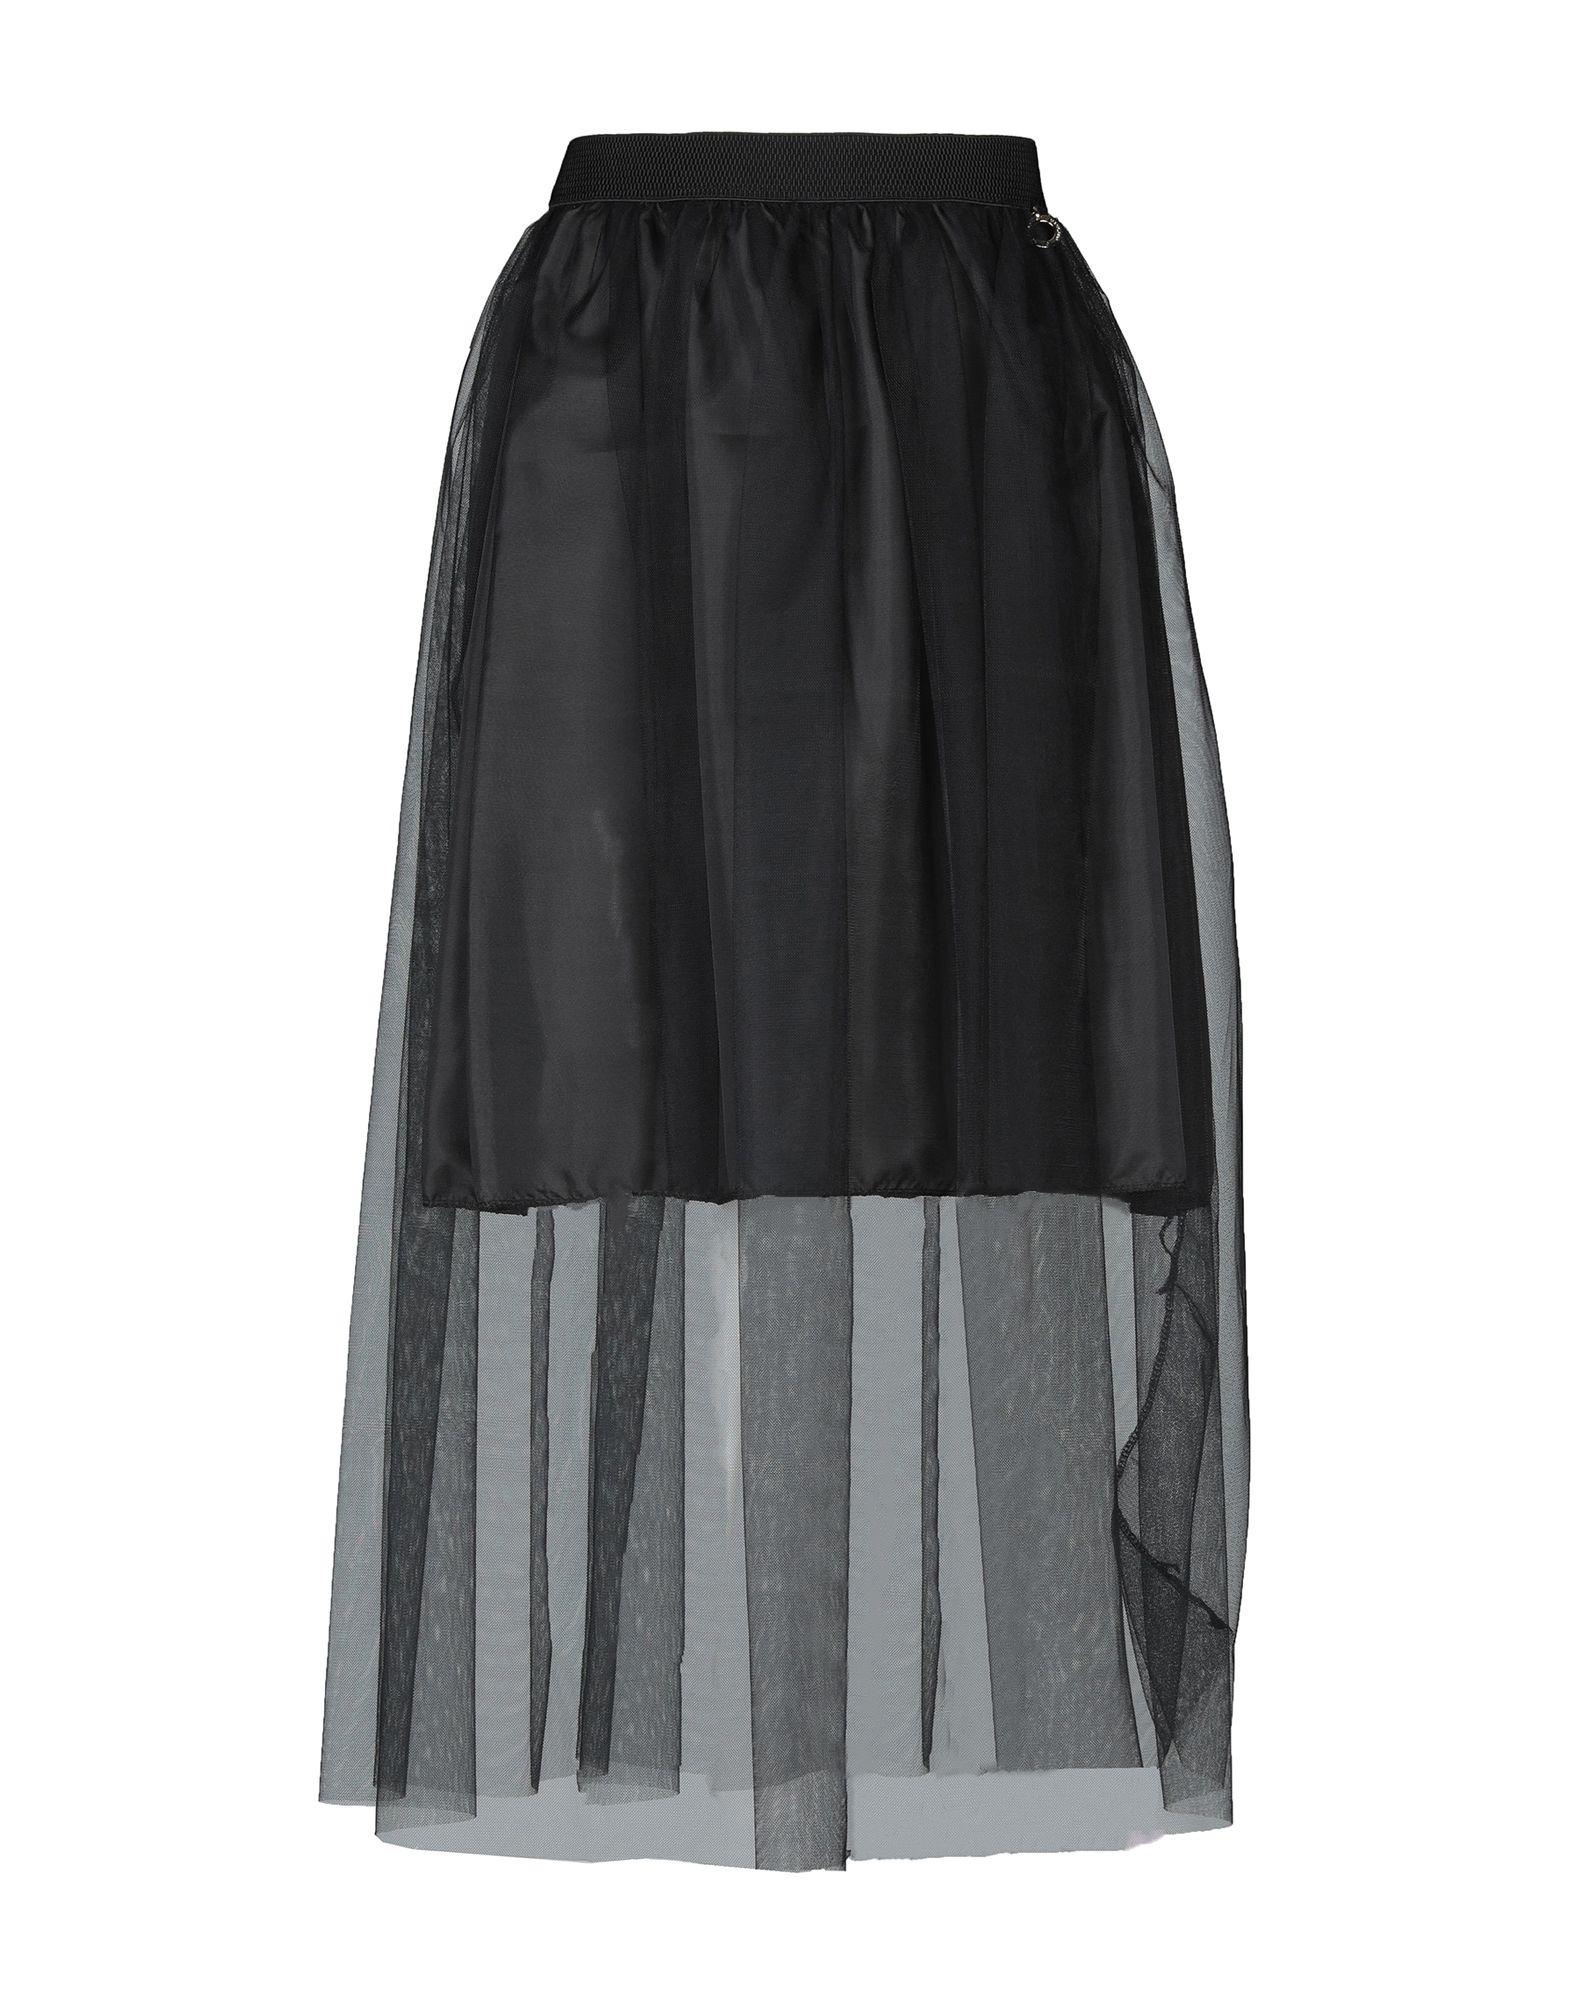 MANGANO Длинная юбка 1 one длинная юбка